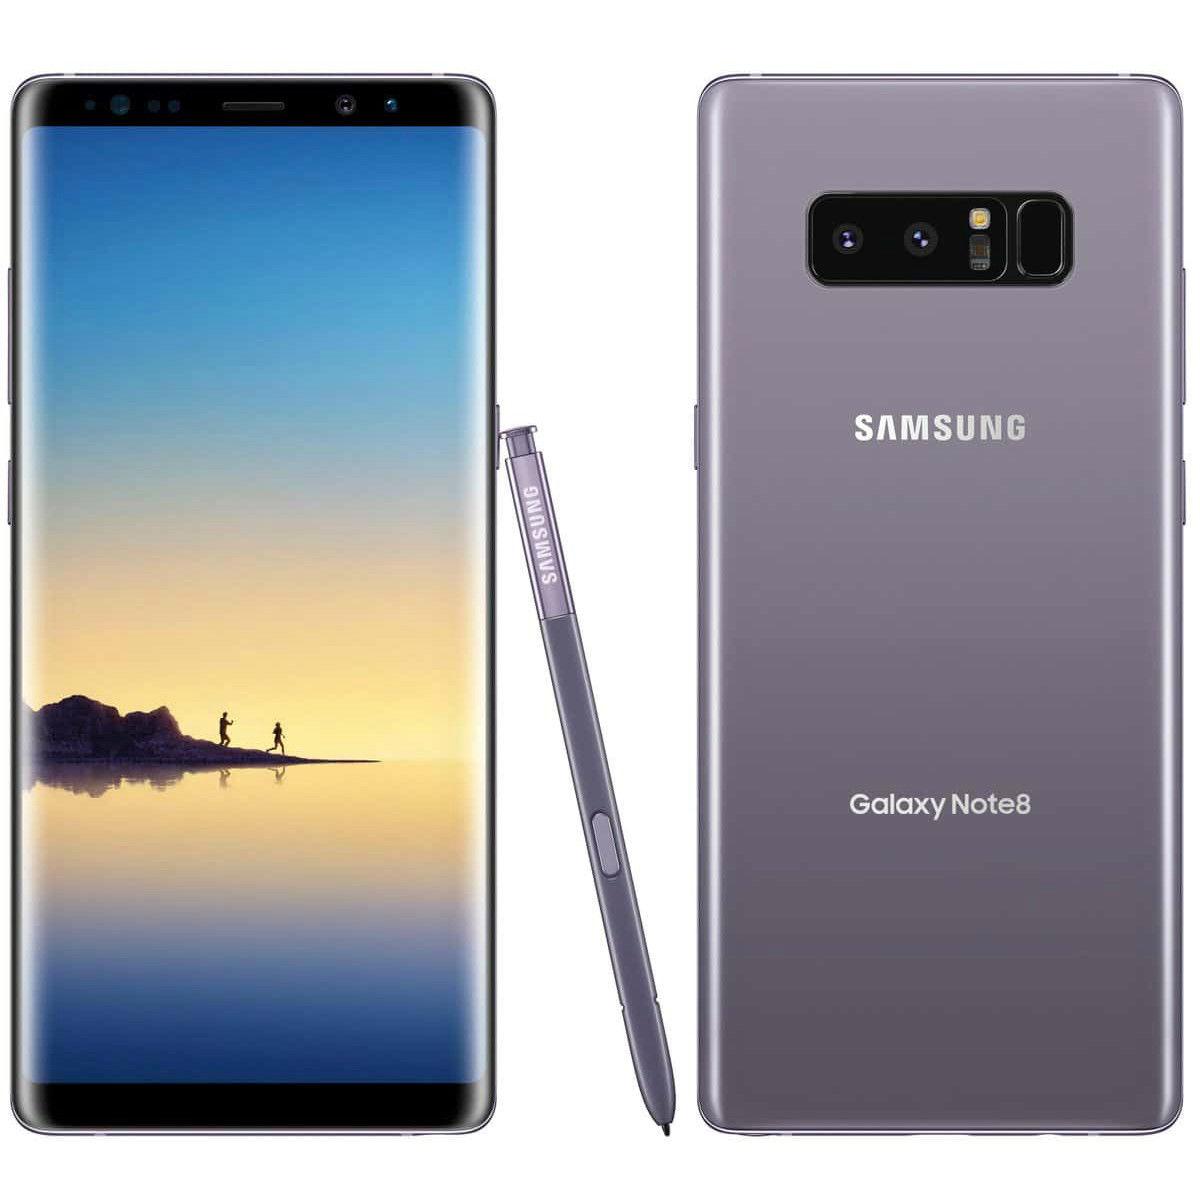 Samsung Galaxy Note 8 N950FD 6GB Ram 64GB Dual Sim SIM FREE - Orchid Grey £719 @ Eglobal / Ebay